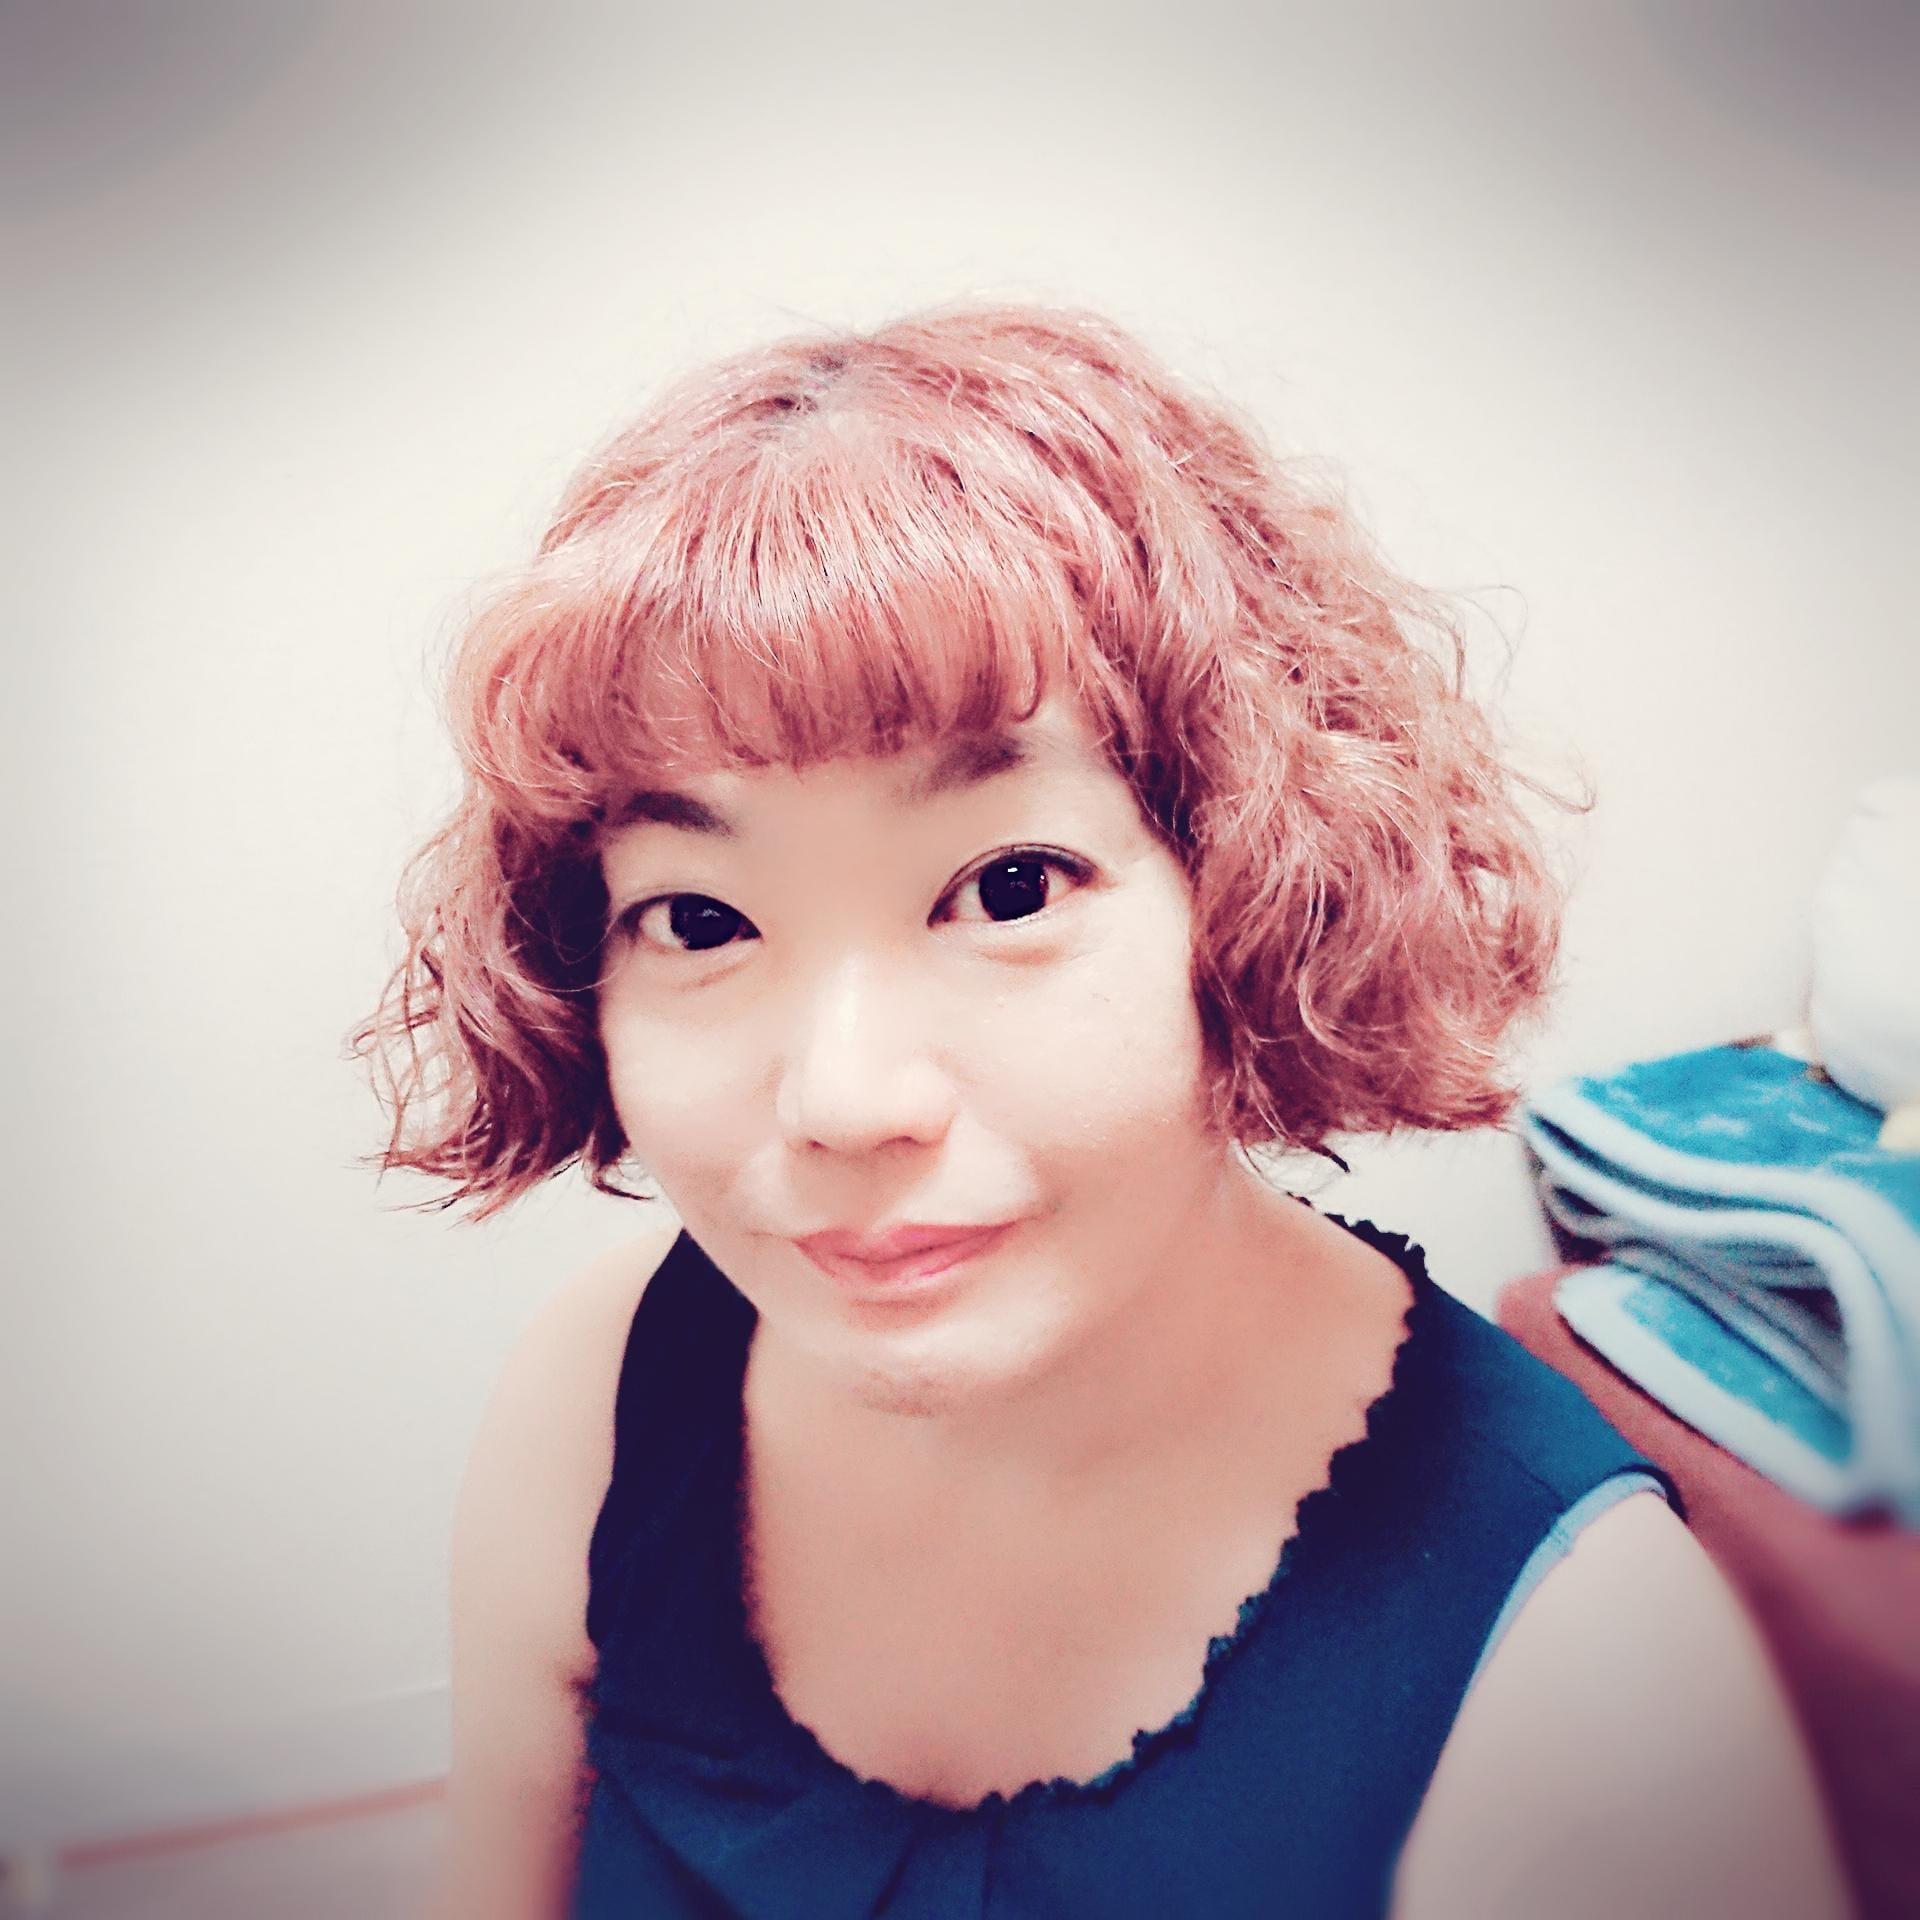 「こんにちわ」09/20(09/20) 02:35 | わかの写メ・風俗動画